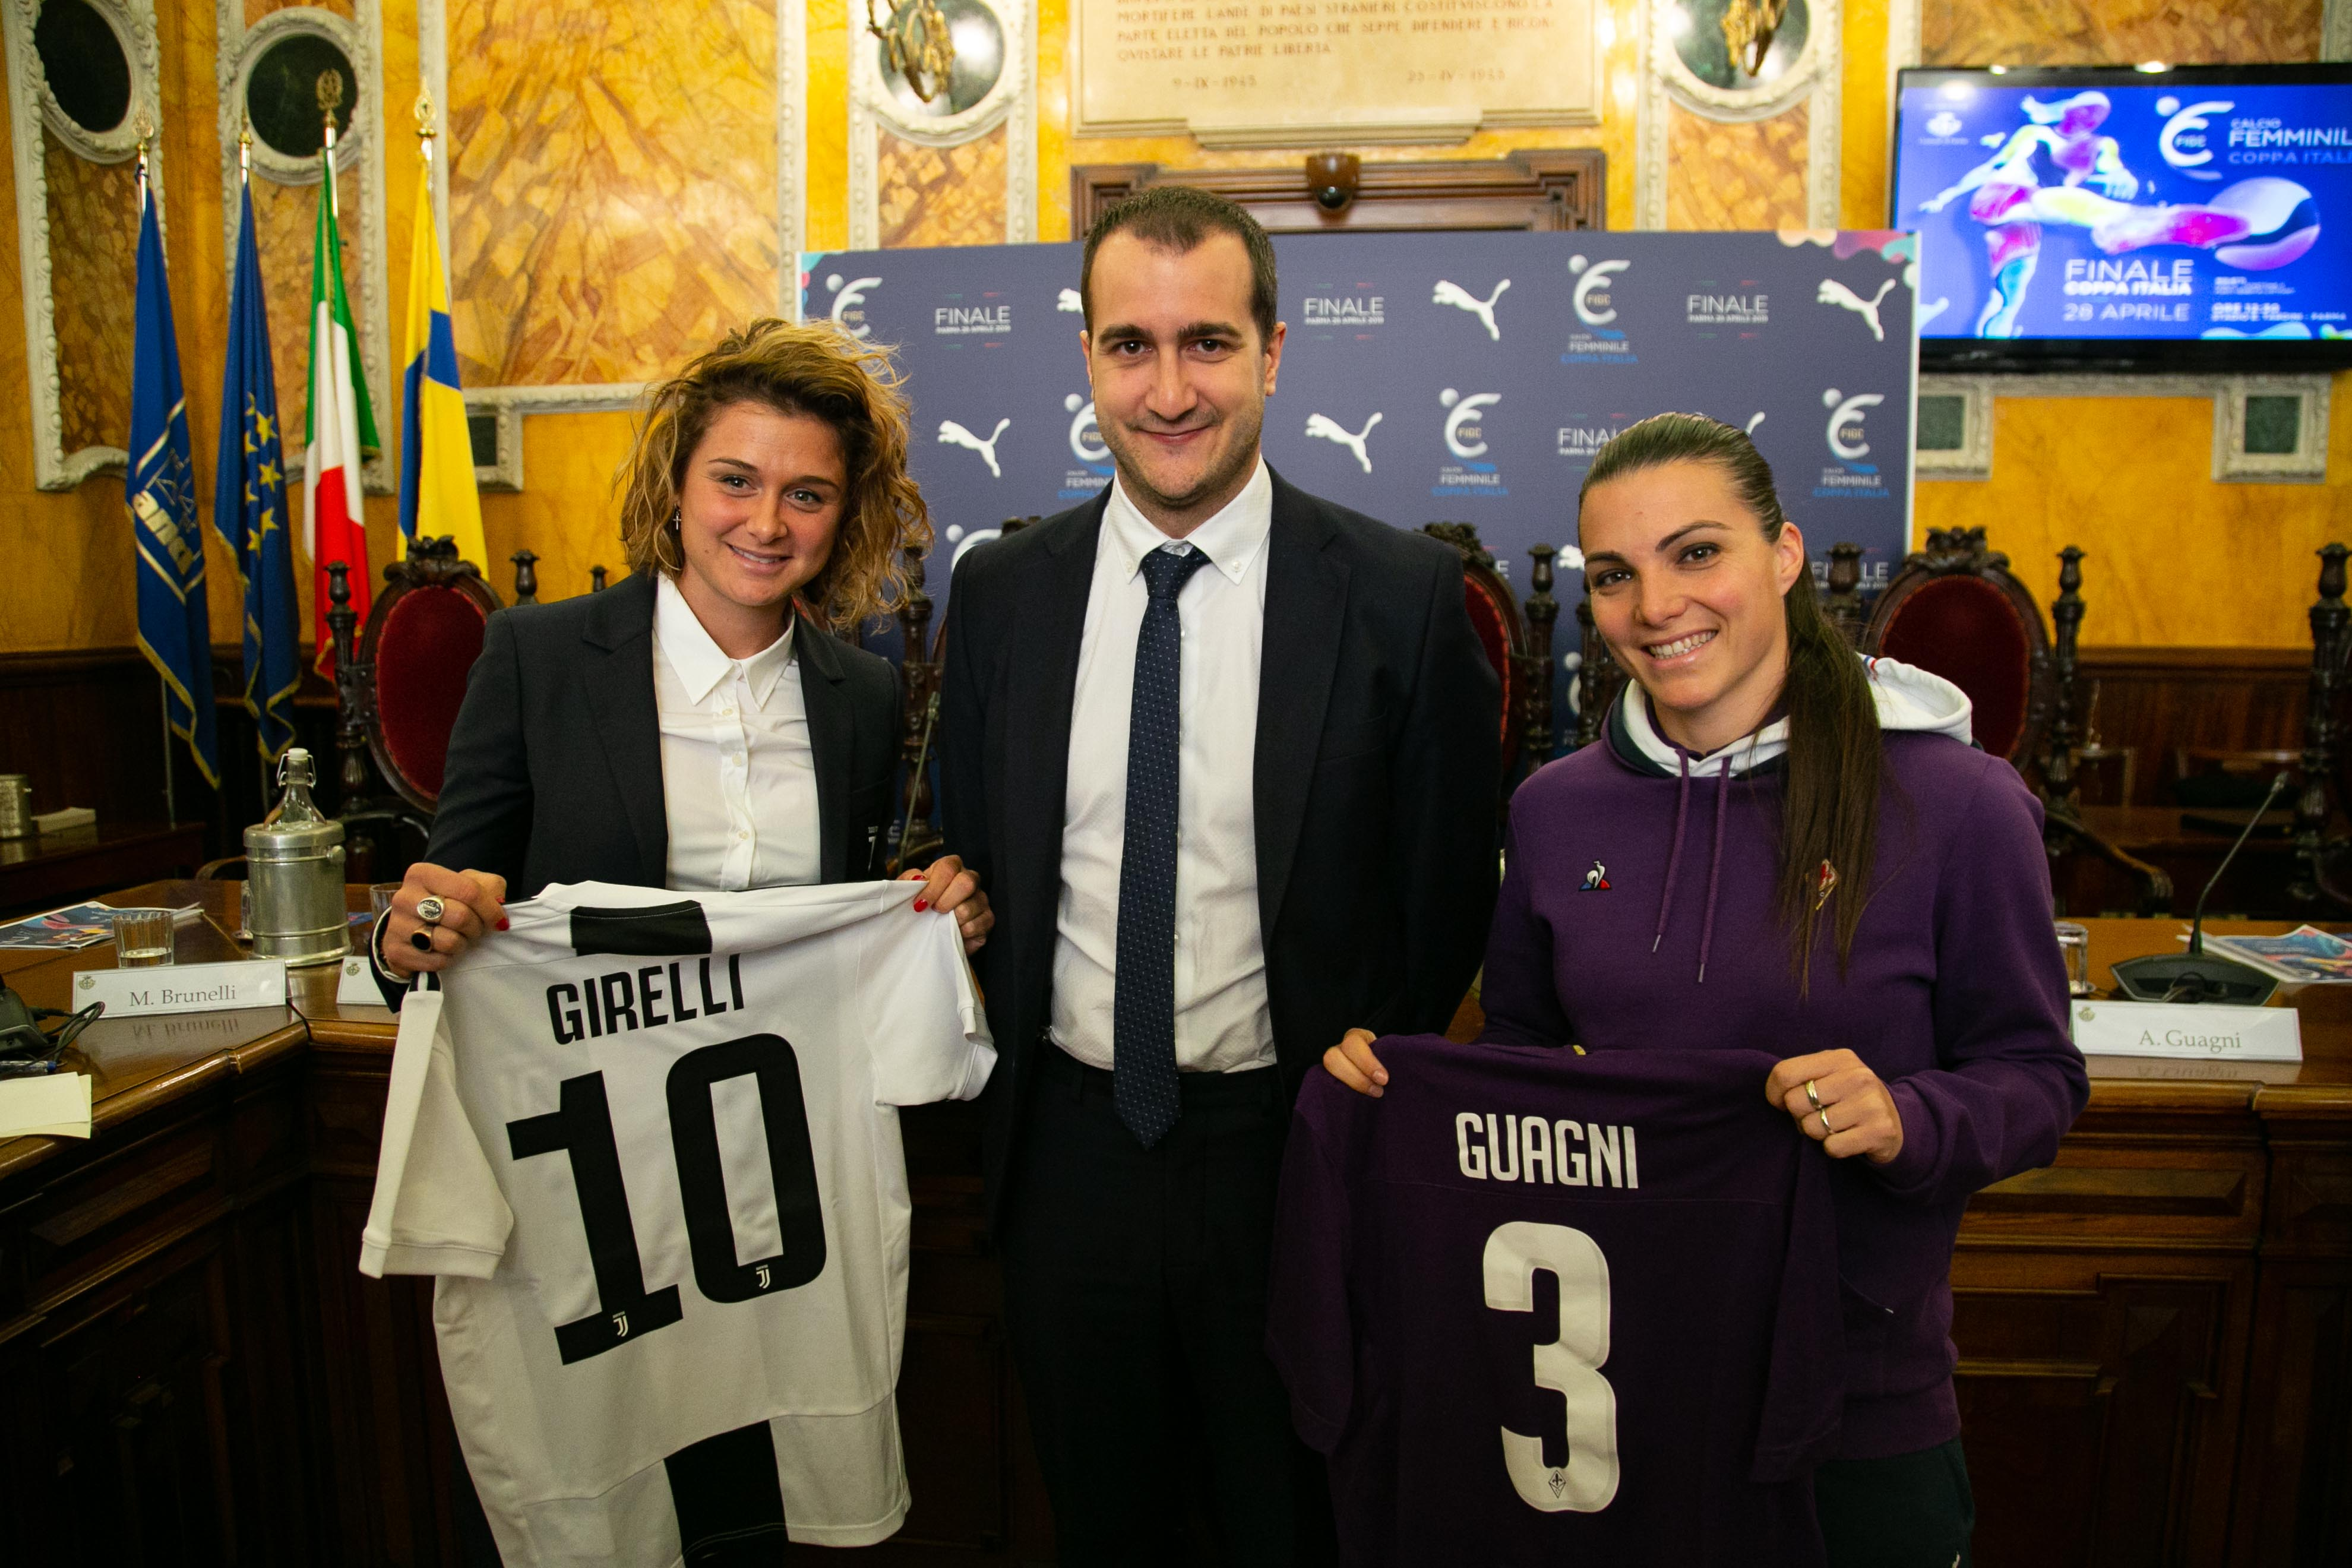 Calendario Calcio Femminile Serie B.Coppa Italia 2018 2019 Calcio Femminile Wikipedia